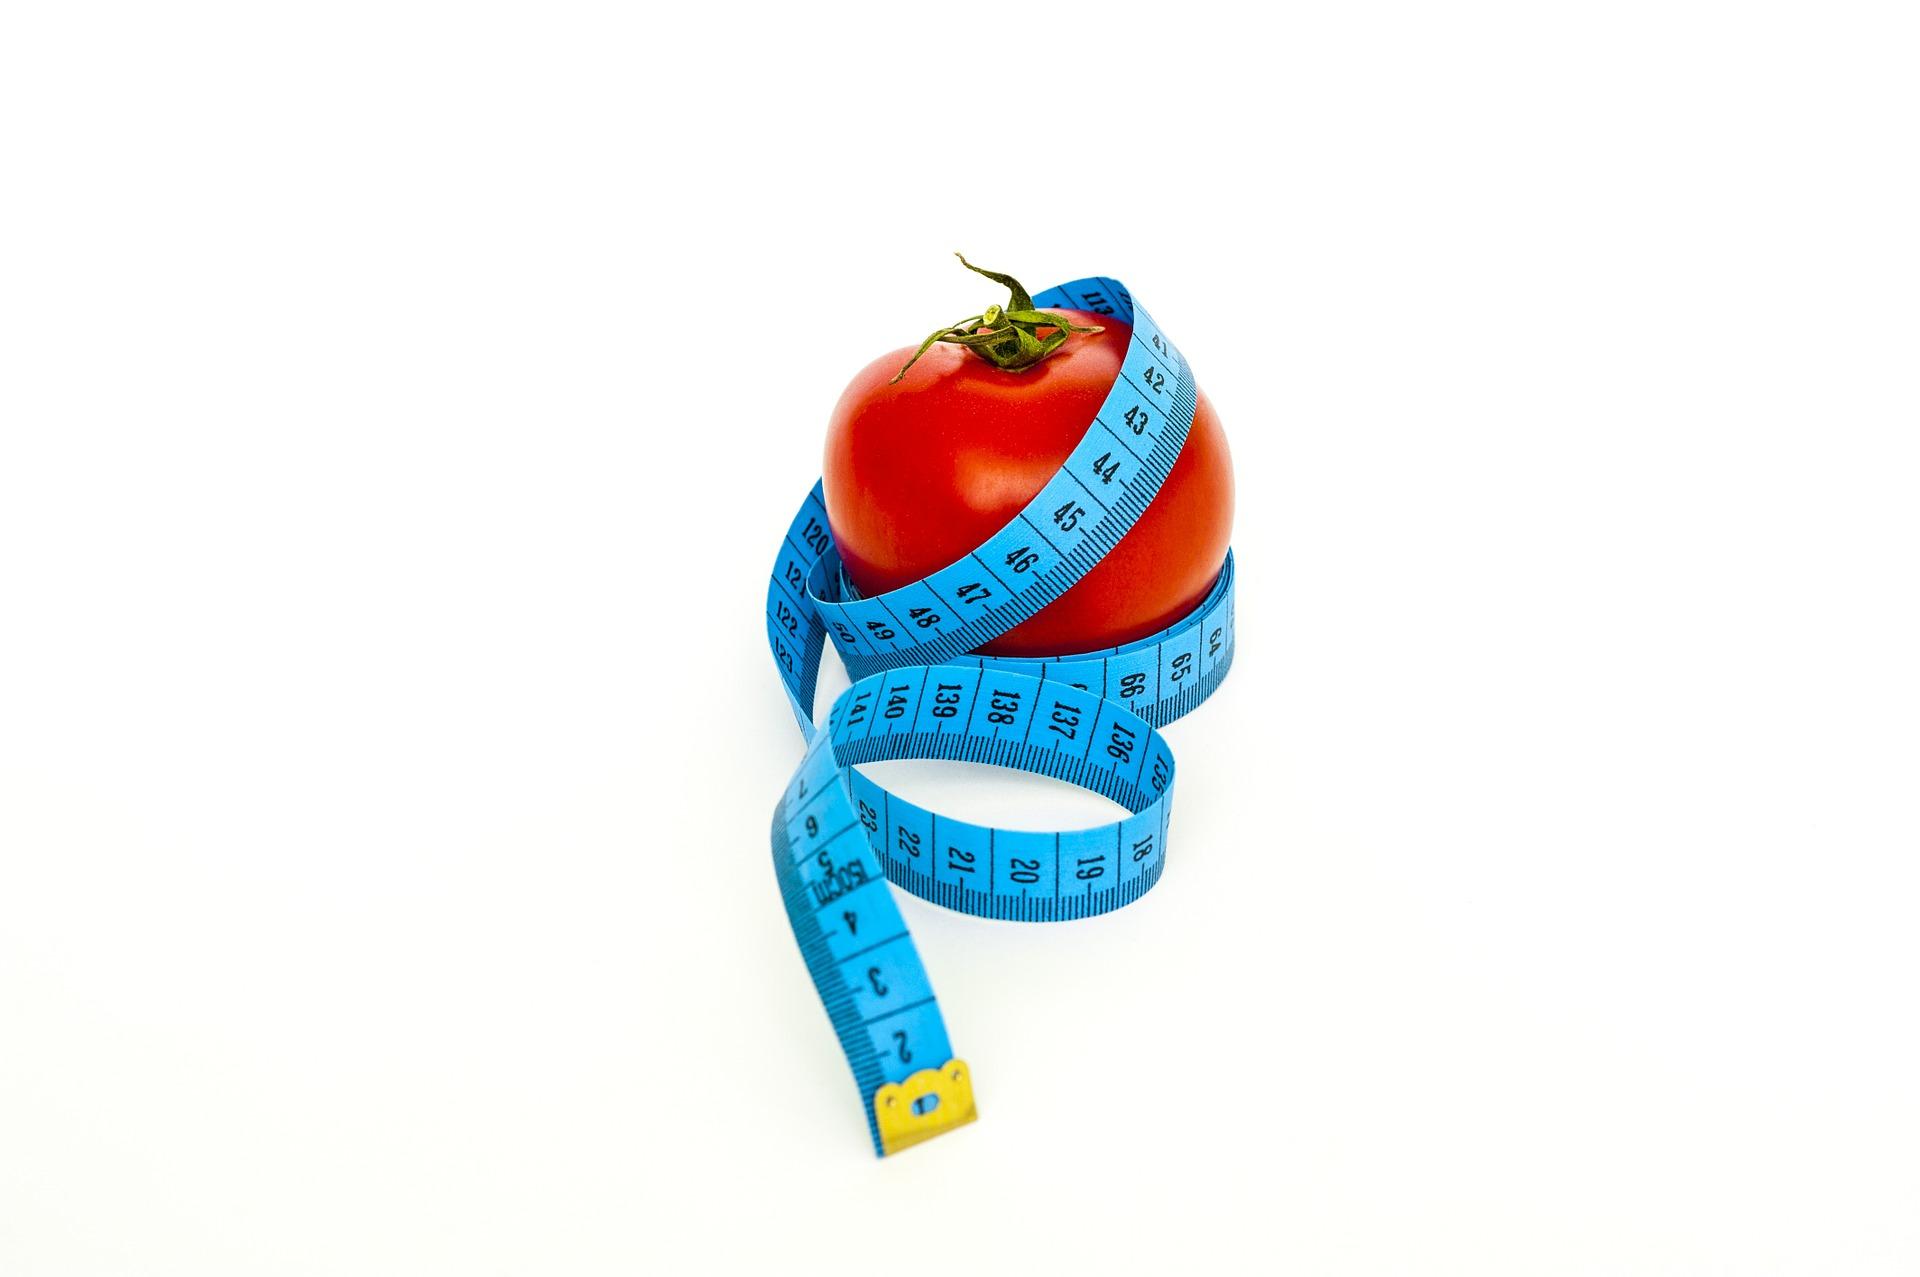 断酒ダイエットで痩せる!???断酒2か月で6キロ減!